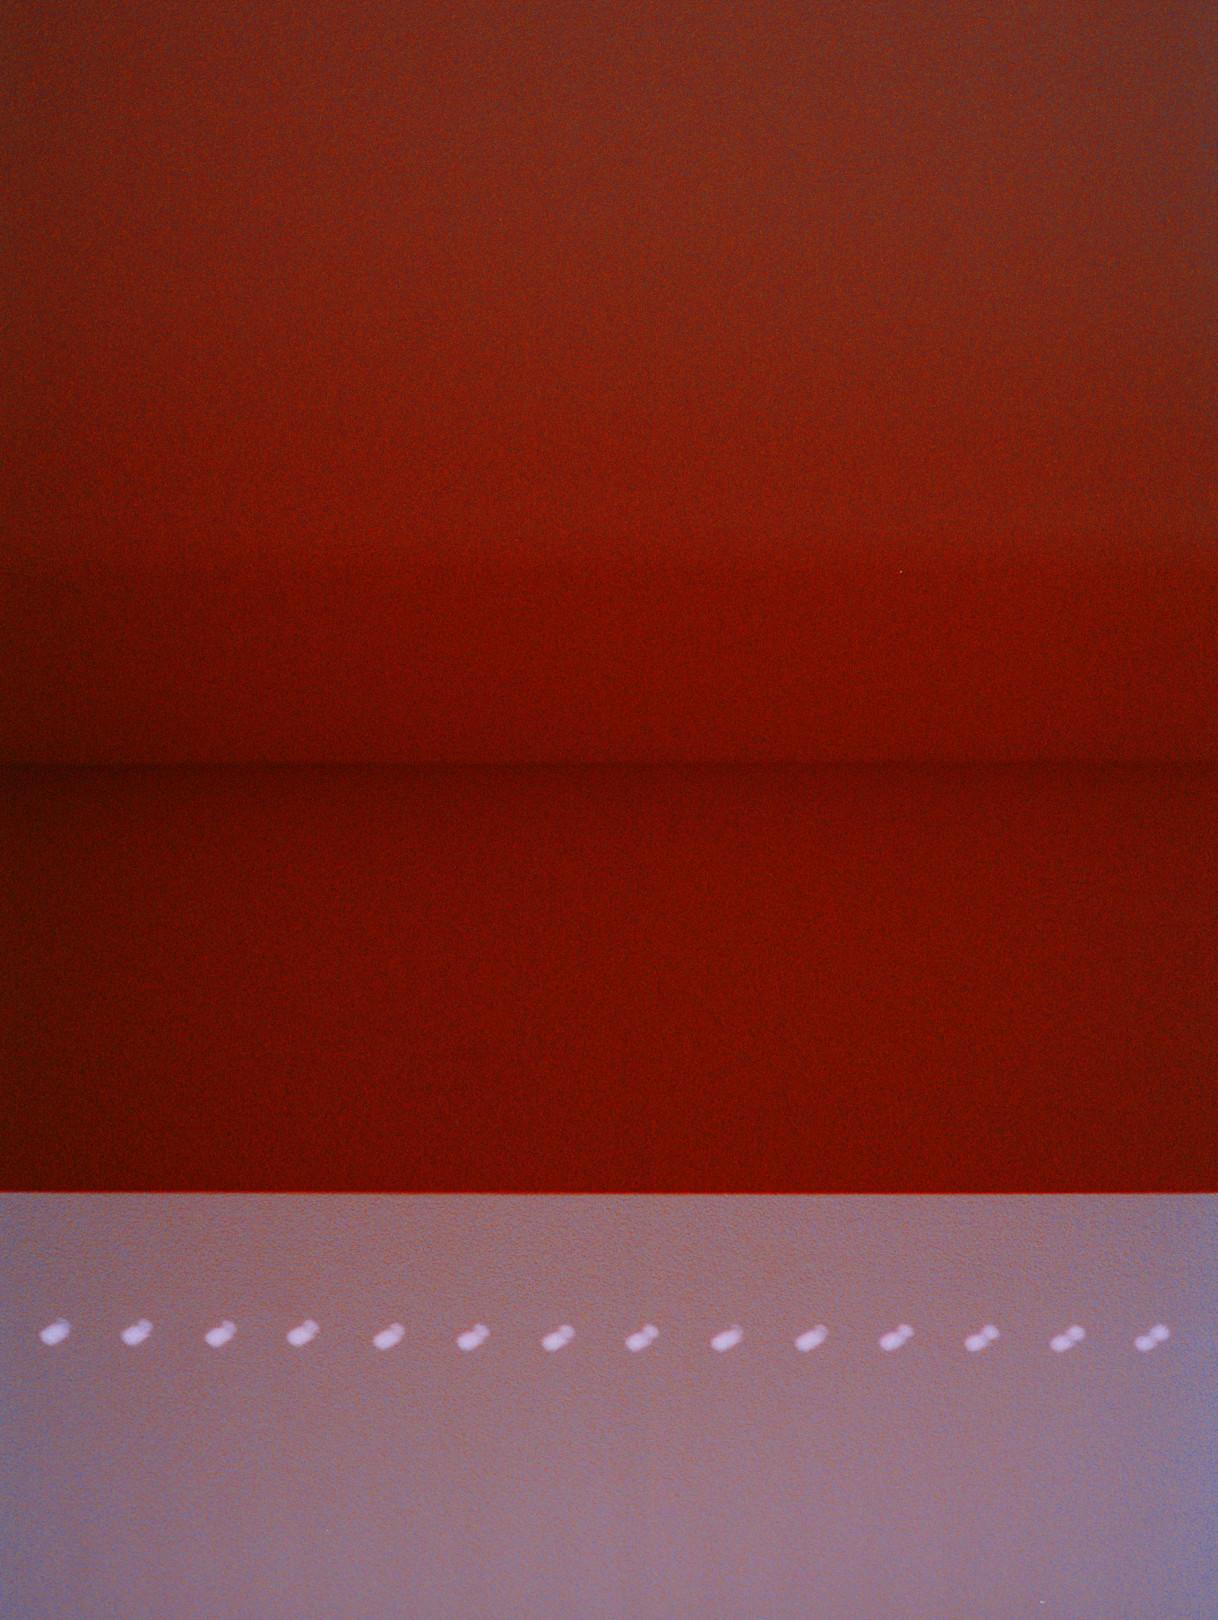 写真家・蓮井幹生の作品展「光の画」が目黒BOOK AND SONSにて開催